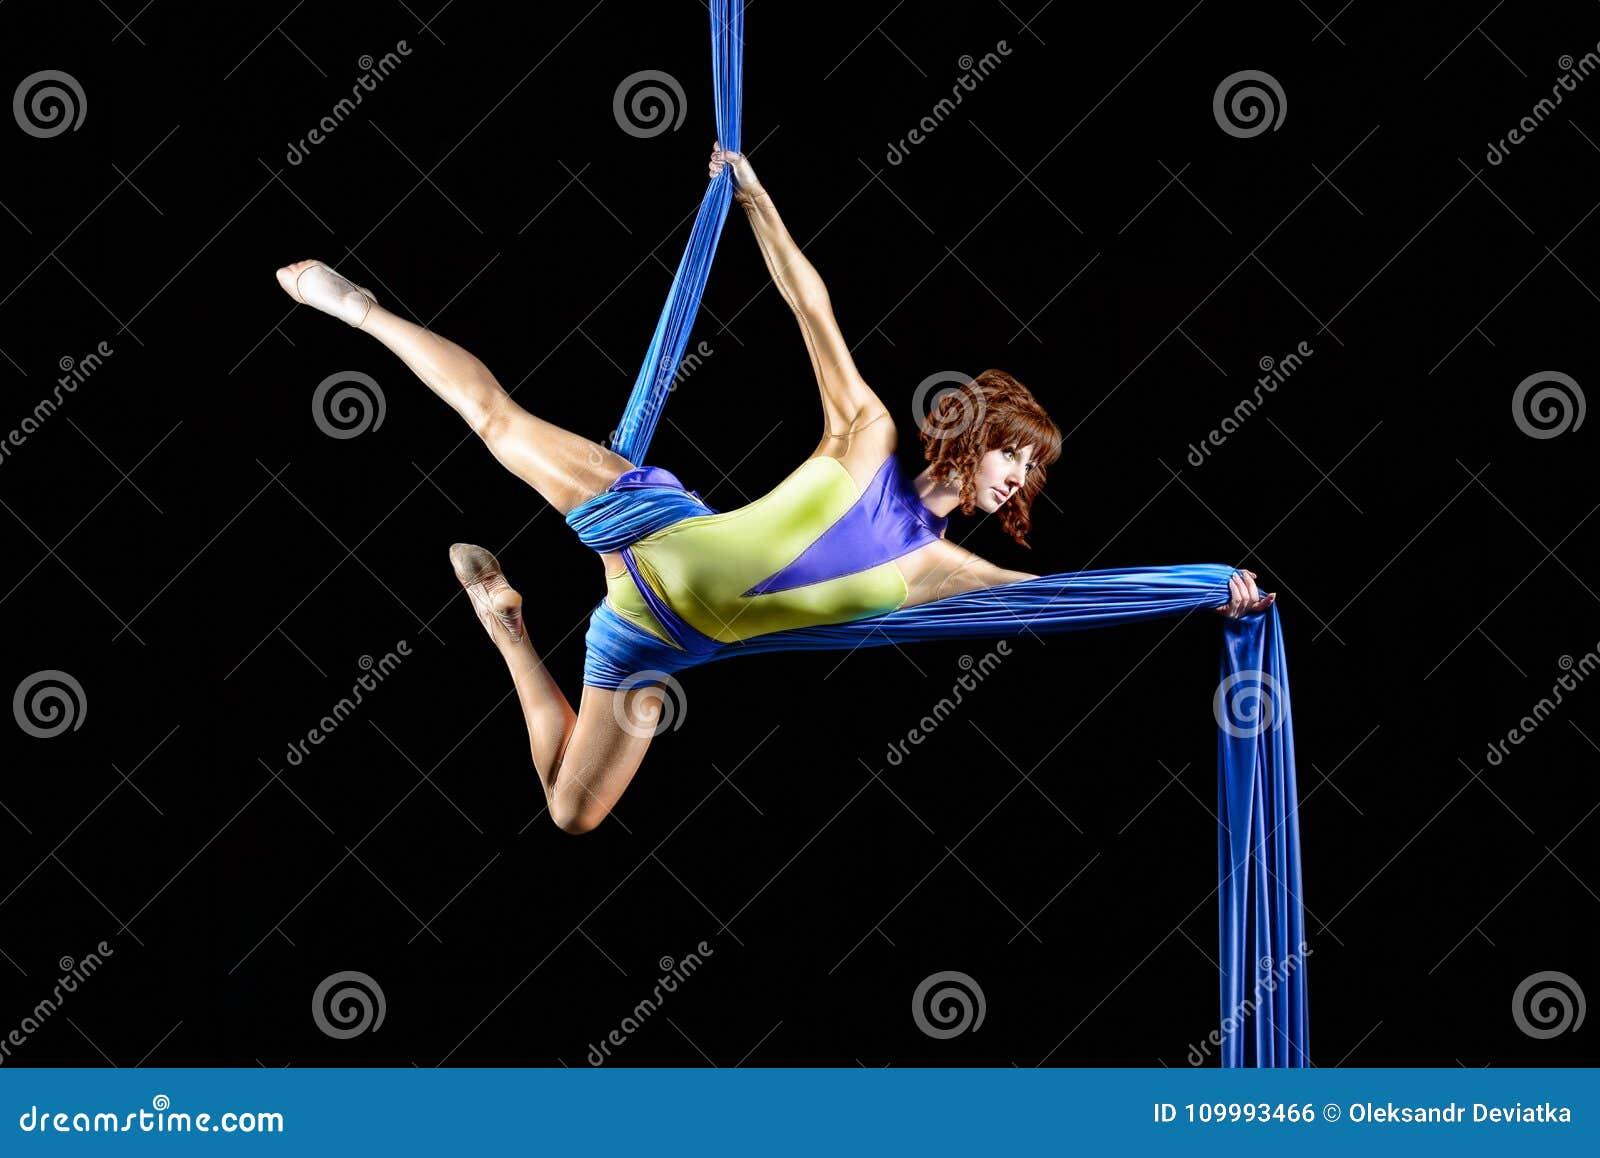 Jóvenes hermosos, artista aéreo profesional del circo de la mujer atractiva atlética con el pelirrojo en el traje amarillo que pr